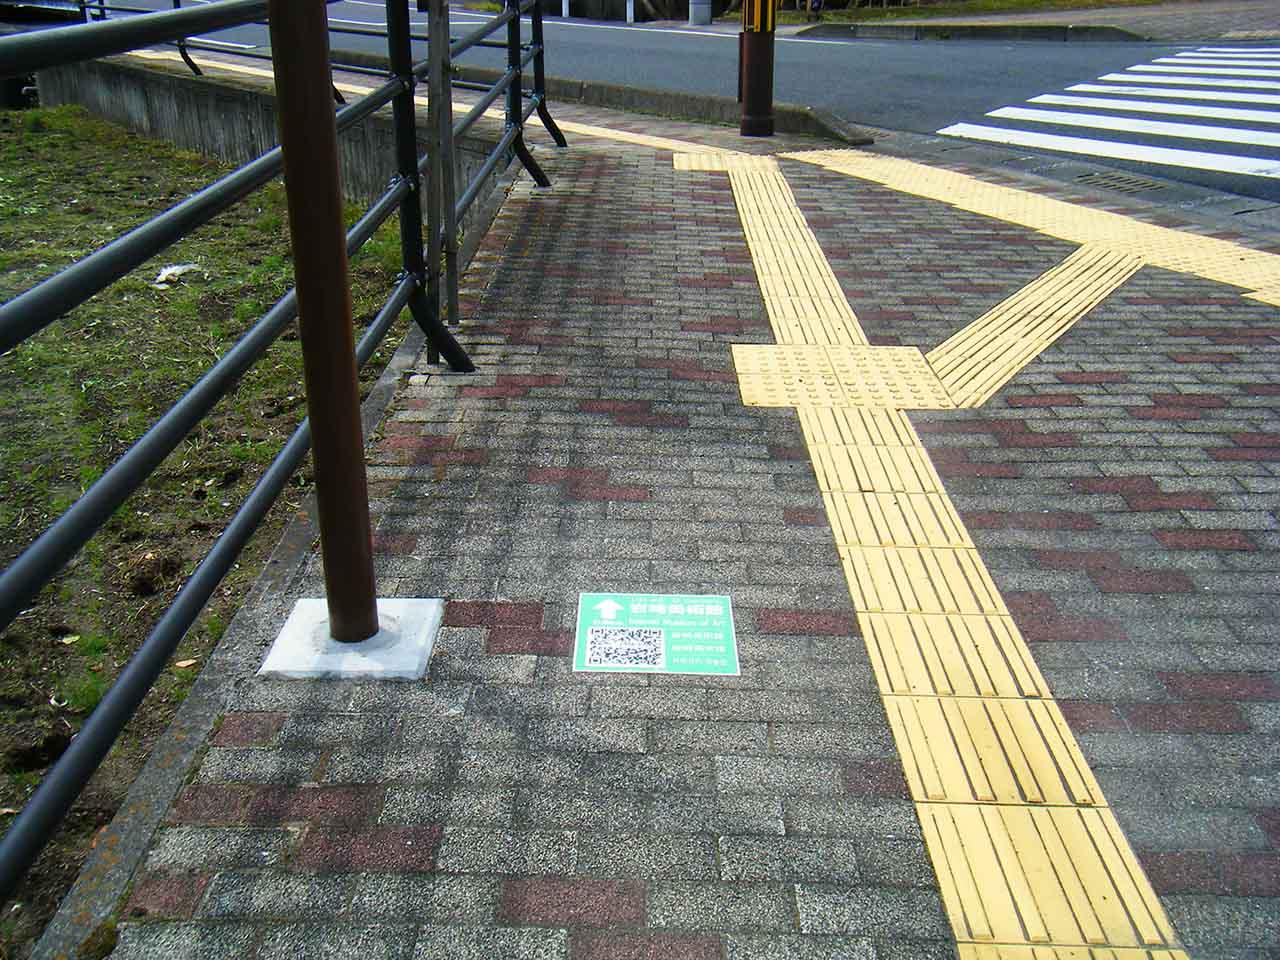 誘導サイン【指宿市 観光案内】